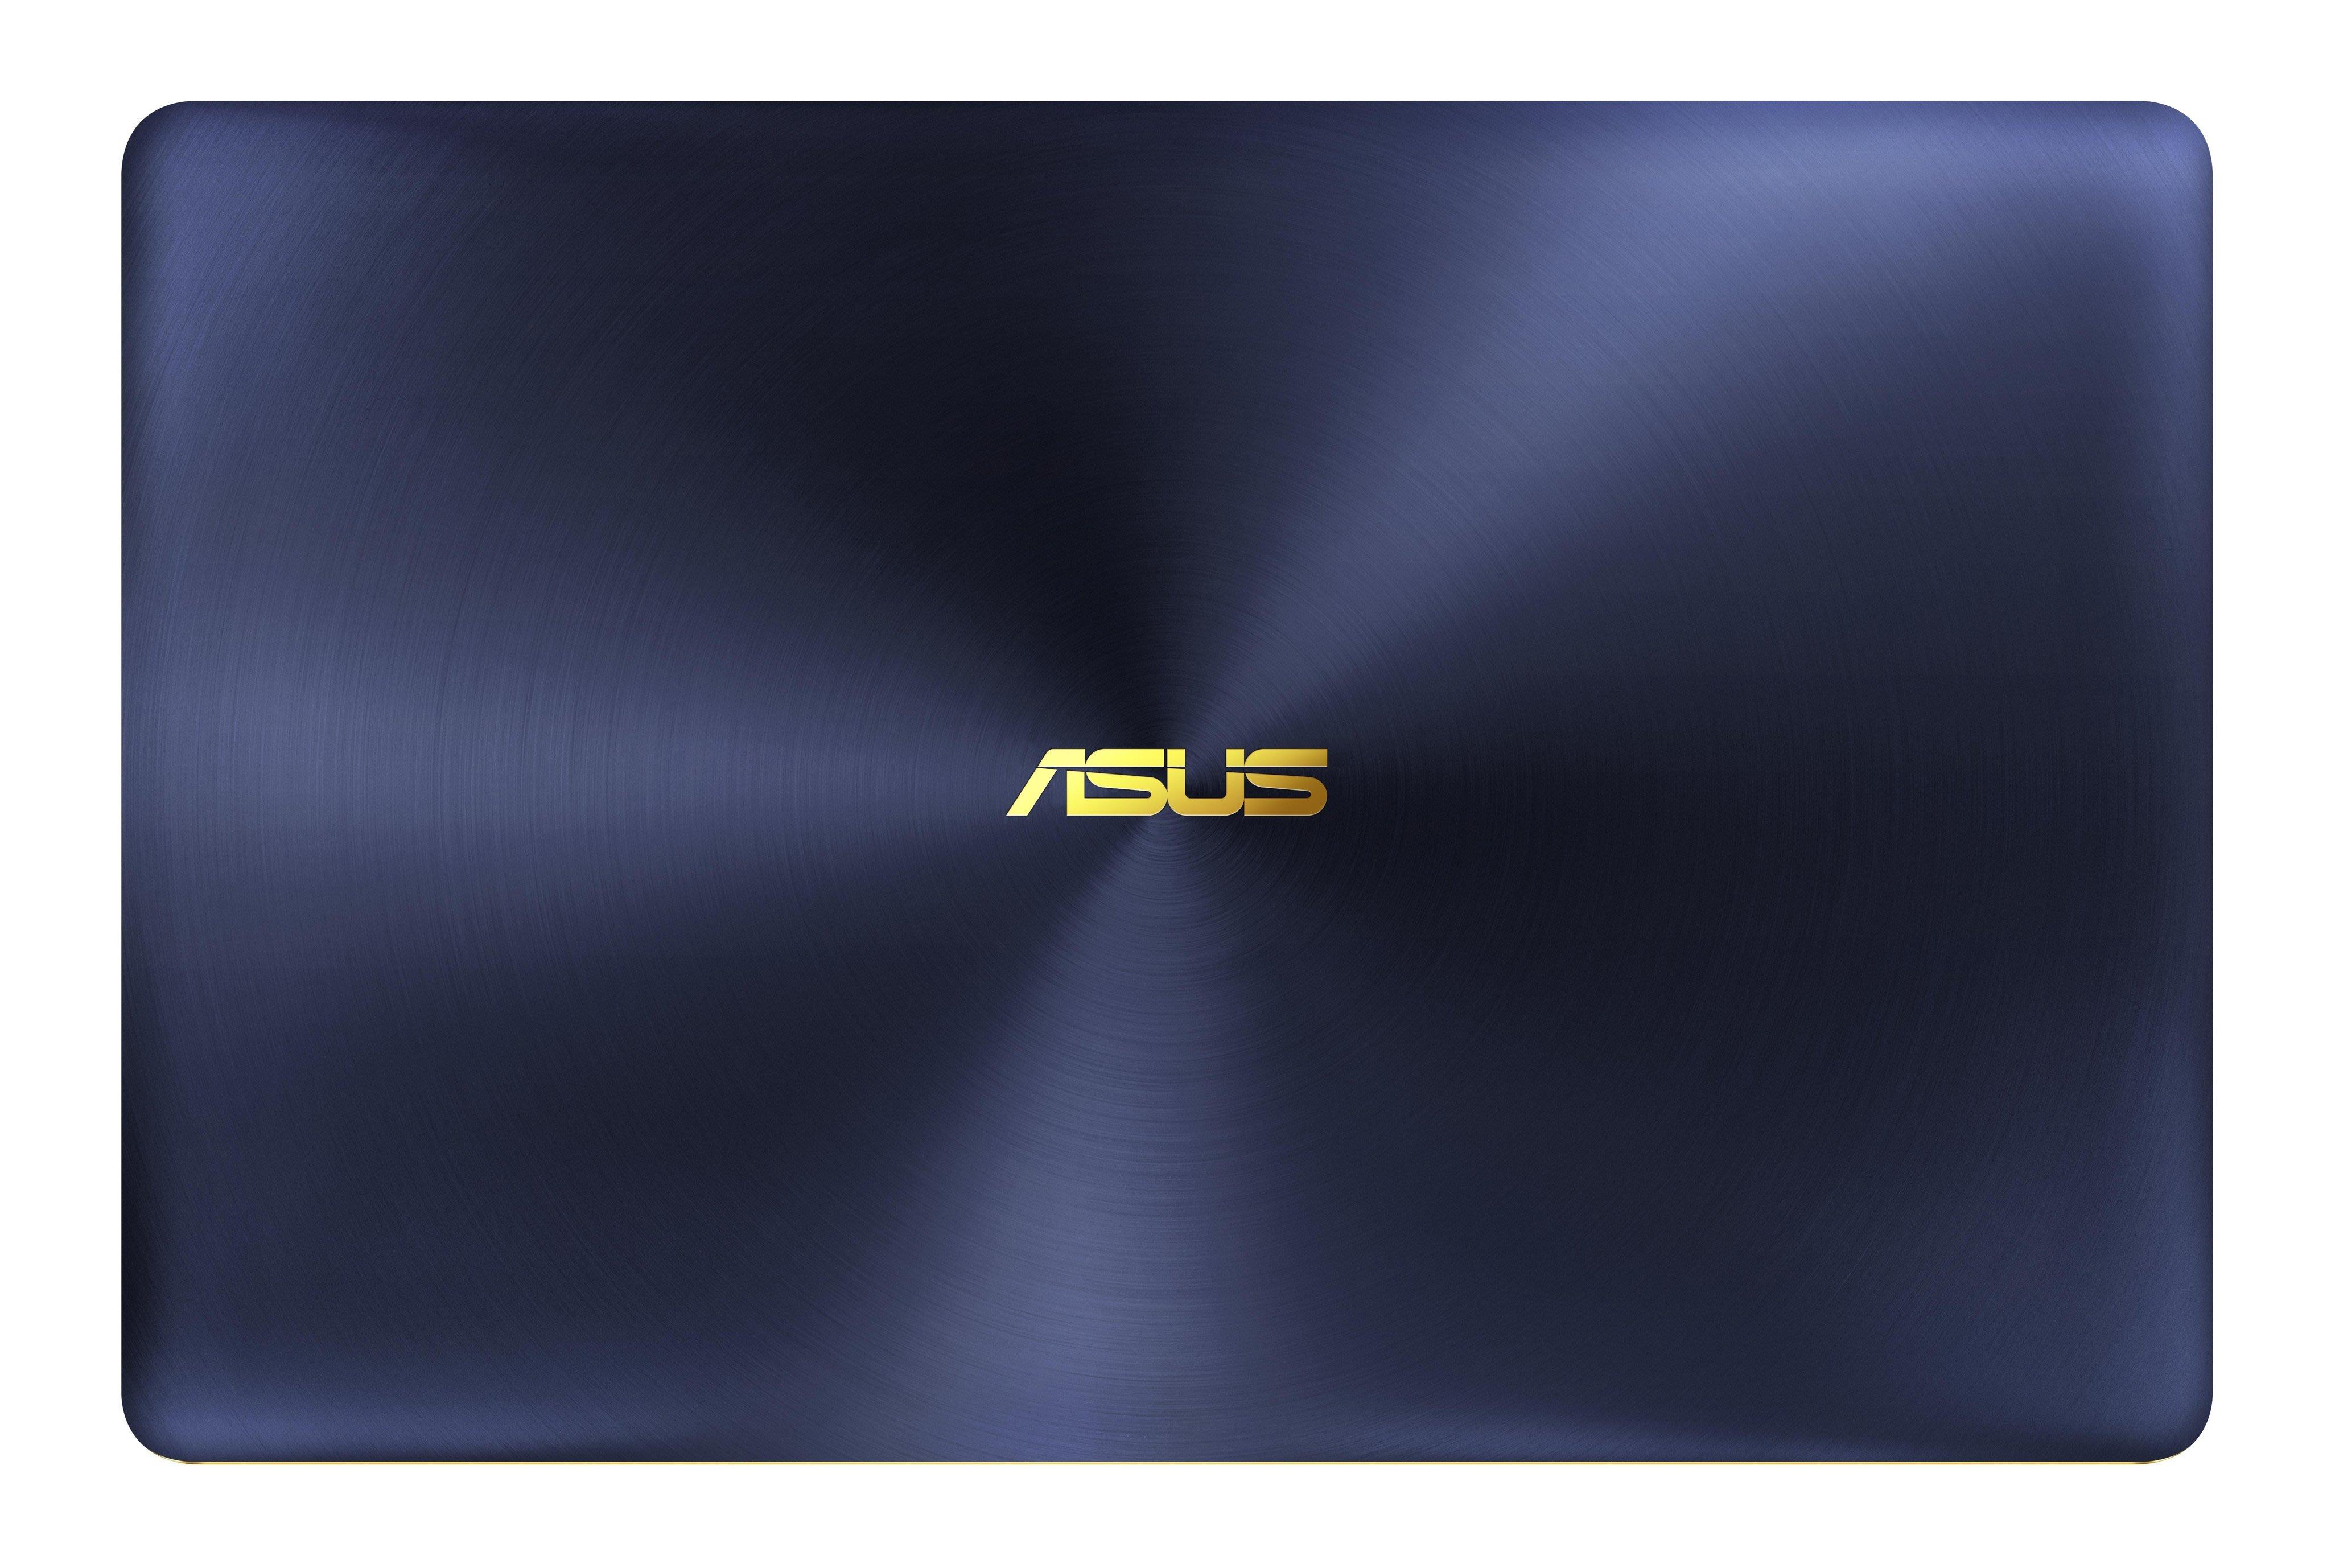 ASUS UX490UA-0081A7500U 藍 I7-7500U 高雄 有問更便宜 ❤全省取貨❤ 1TBSSD 華碩